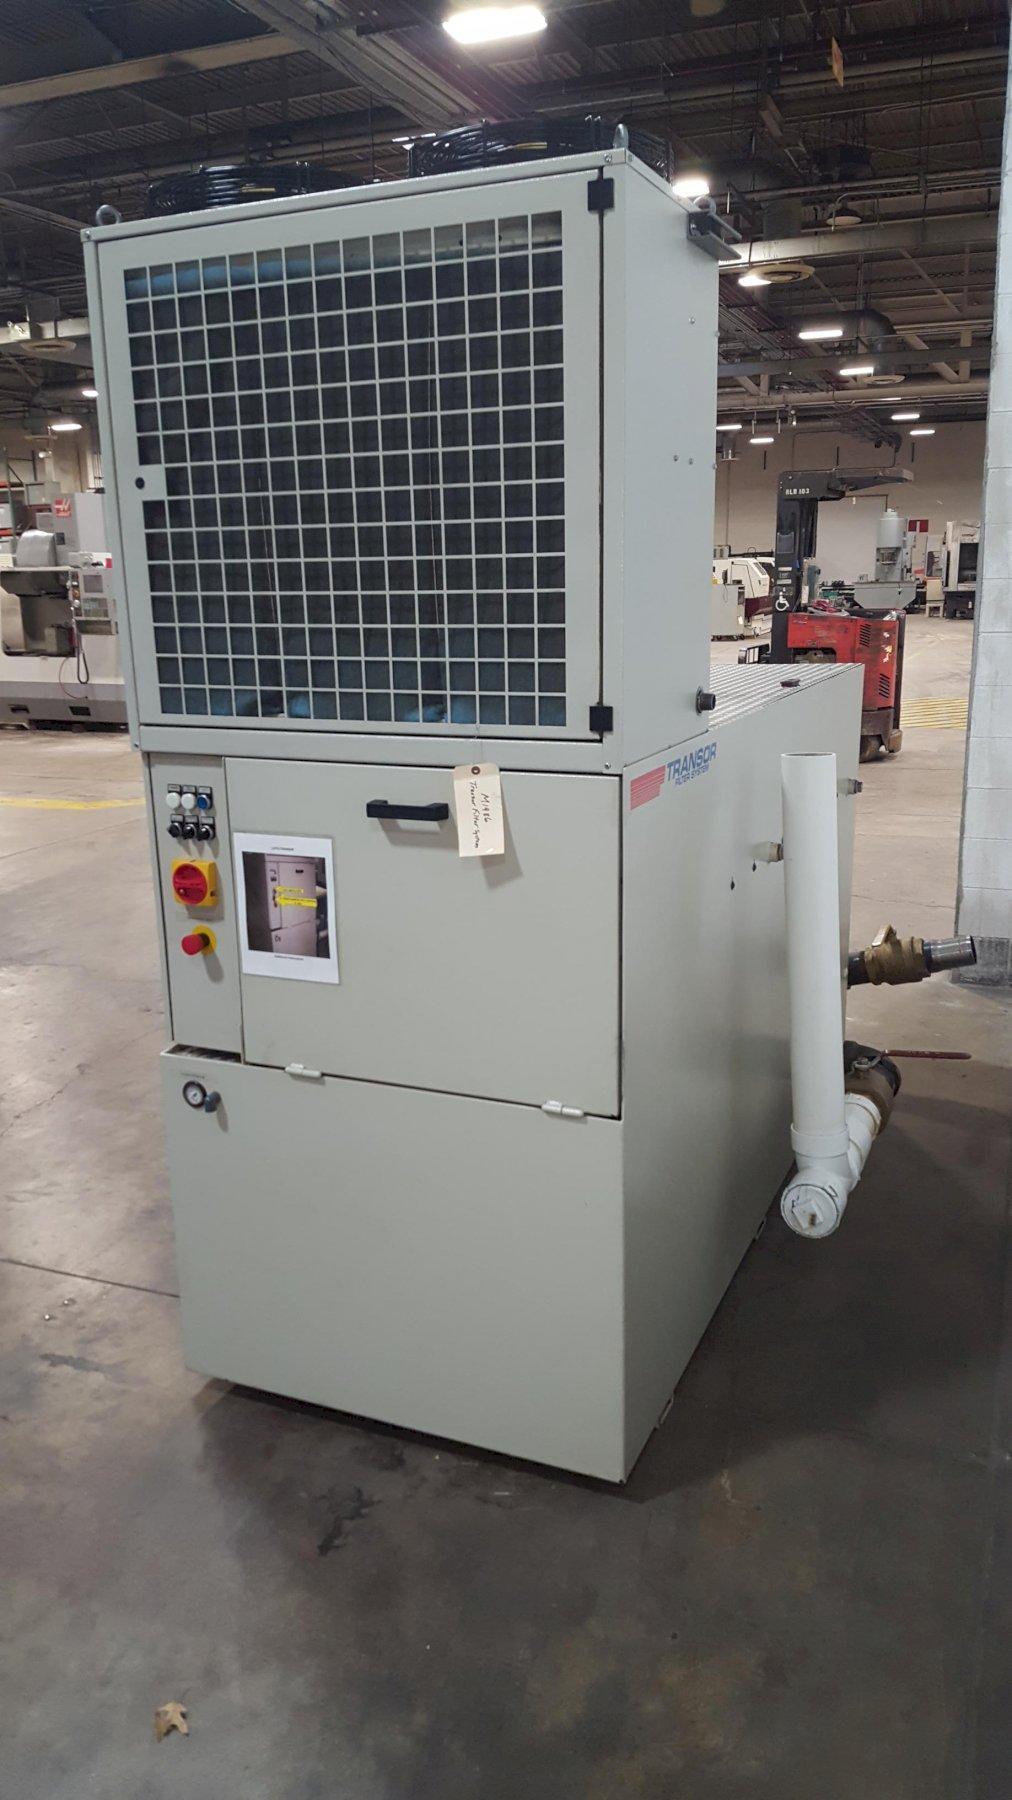 Transor Model 18390-1200 ADCO 3-Vessel Filtration Unit